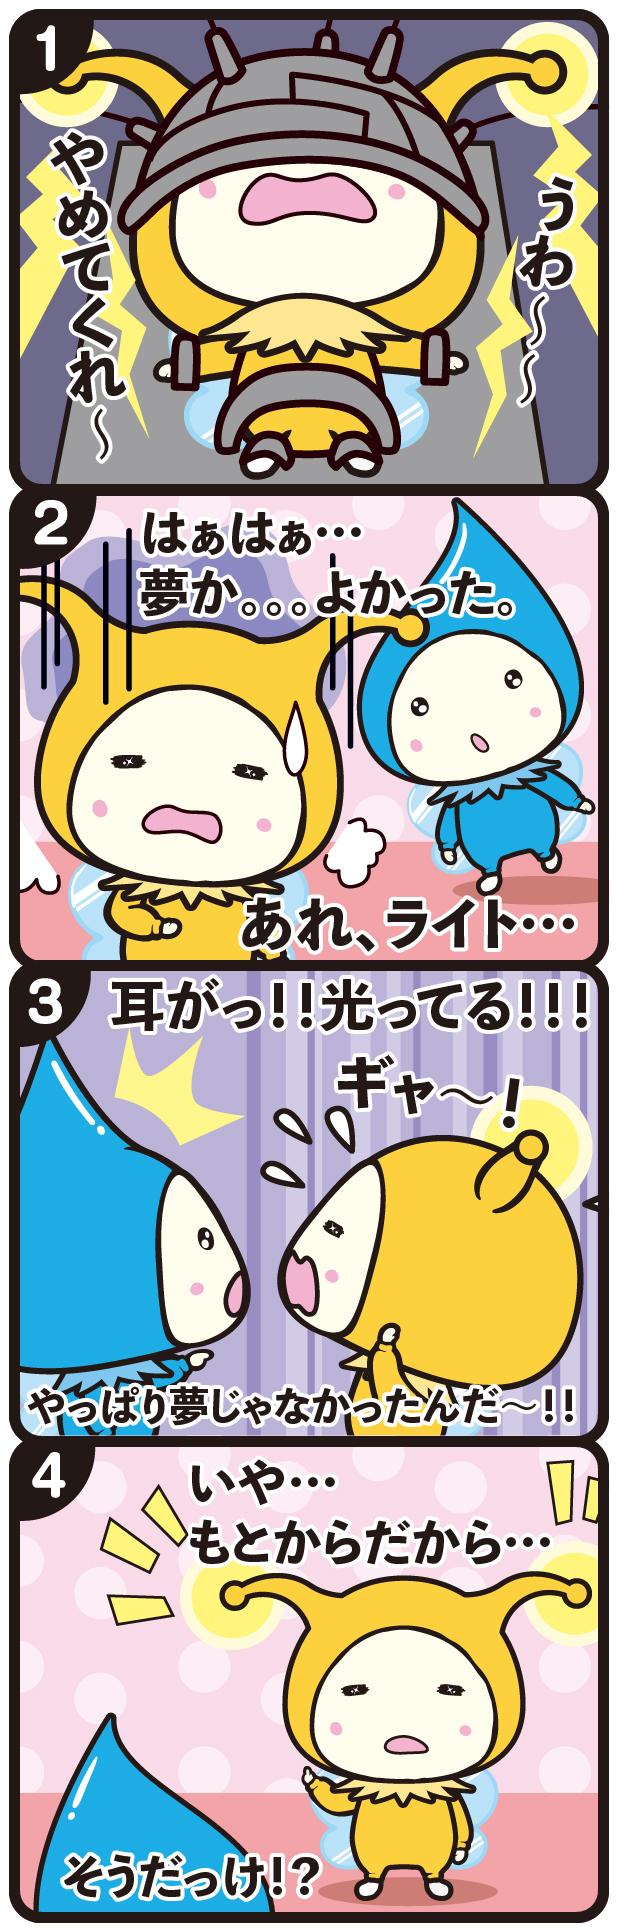 comic_222